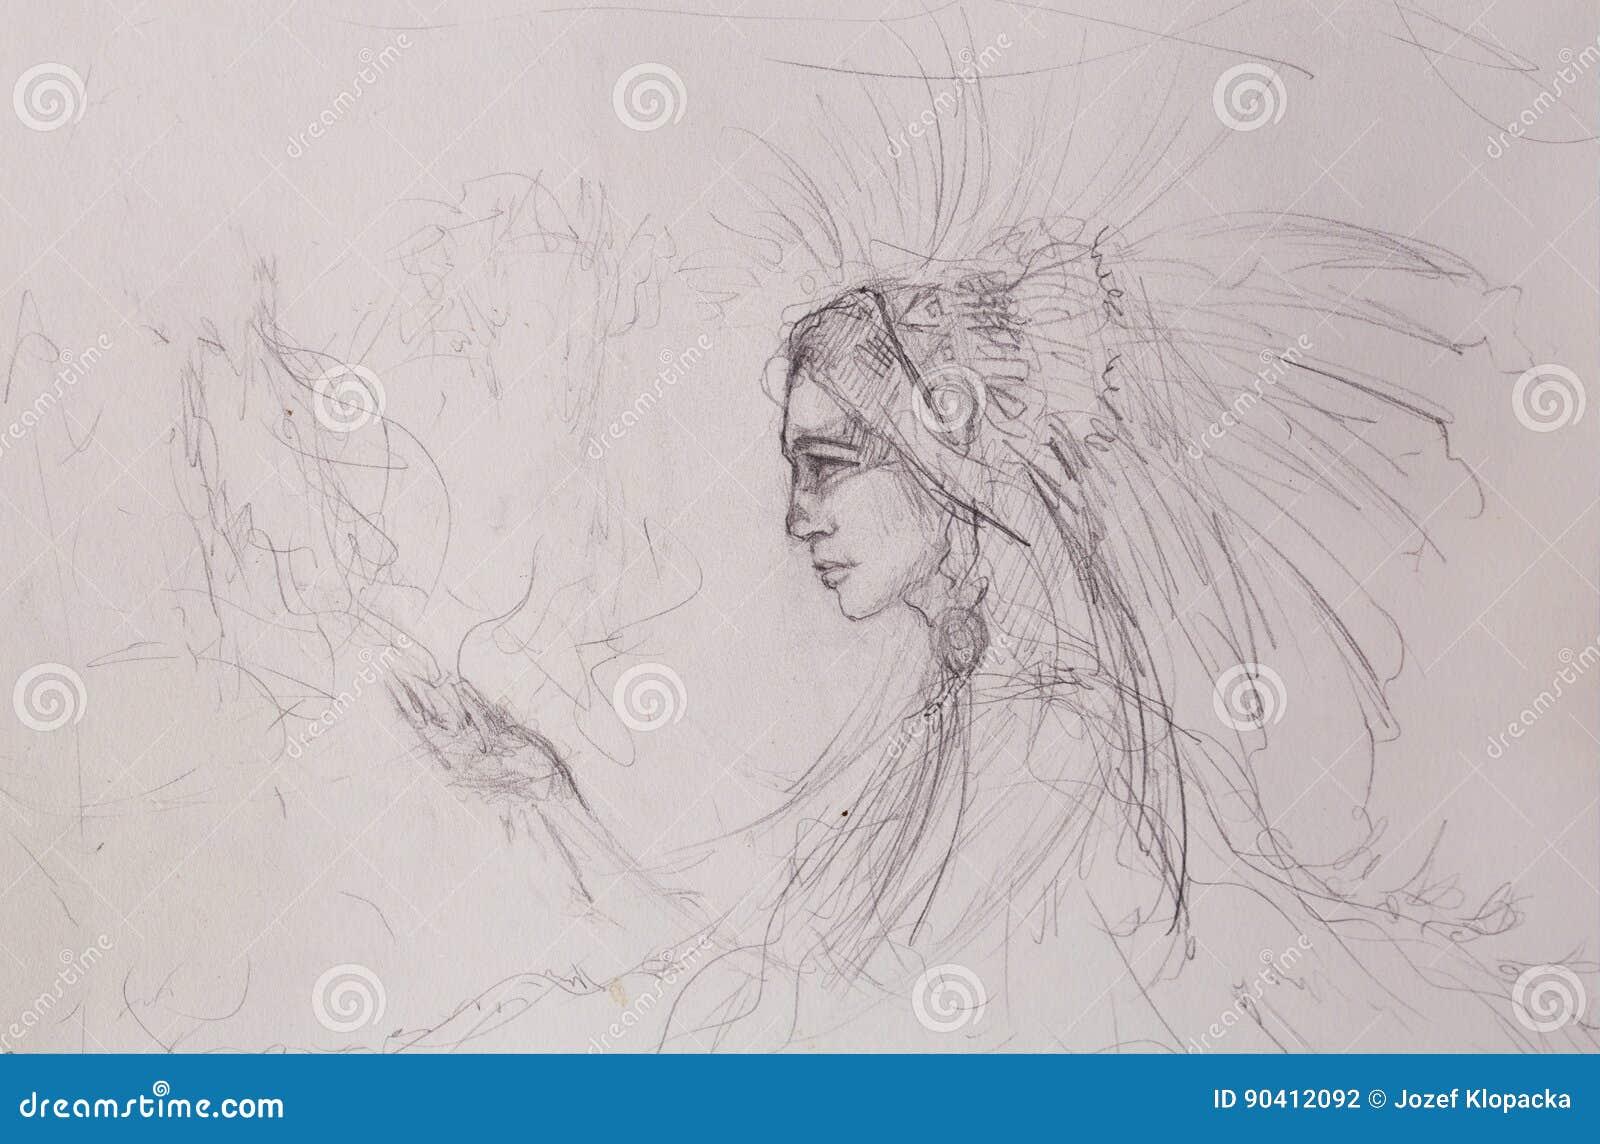 Croquis De Femme Indienne Dessin Au Crayon Sur Le Vieux Papier